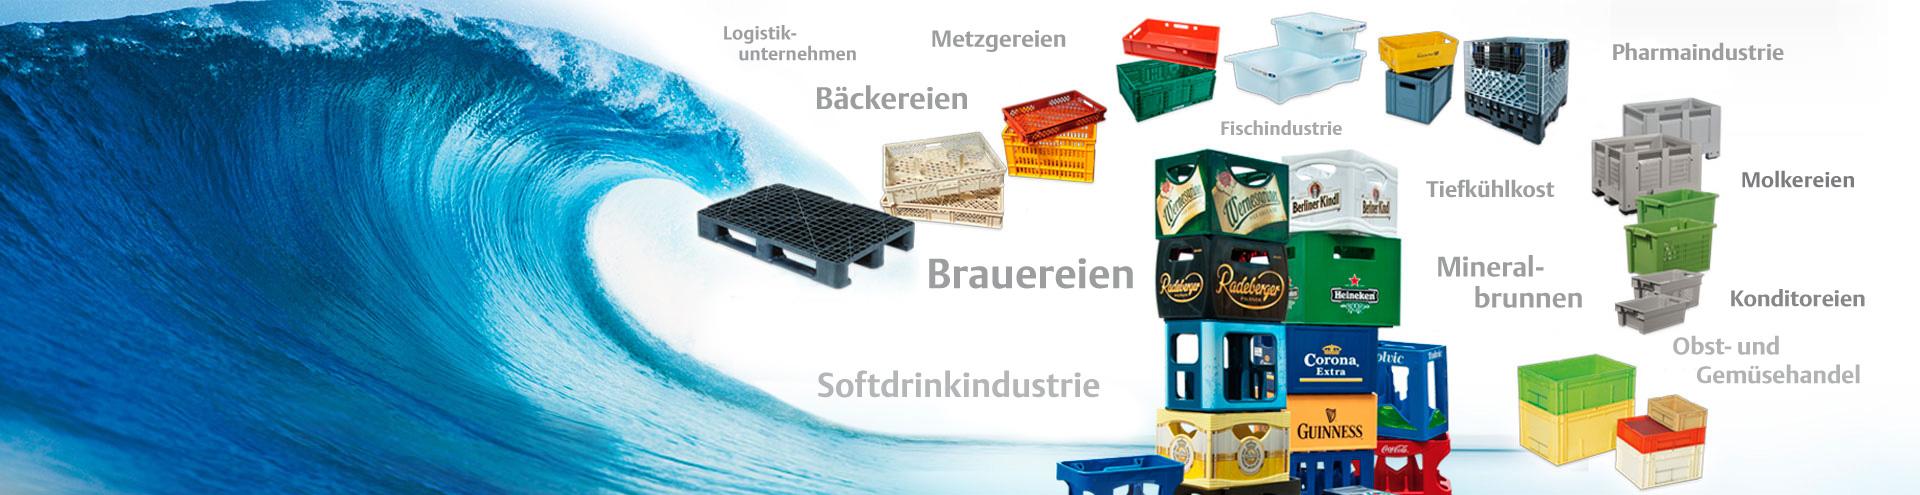 BOHRER Kastenwascher sorgen wirtschaftlich für Sauberkeit und Hygiene bei Getränkekästen, Lebensmittelkisten, Logistikbehältern und Paletten